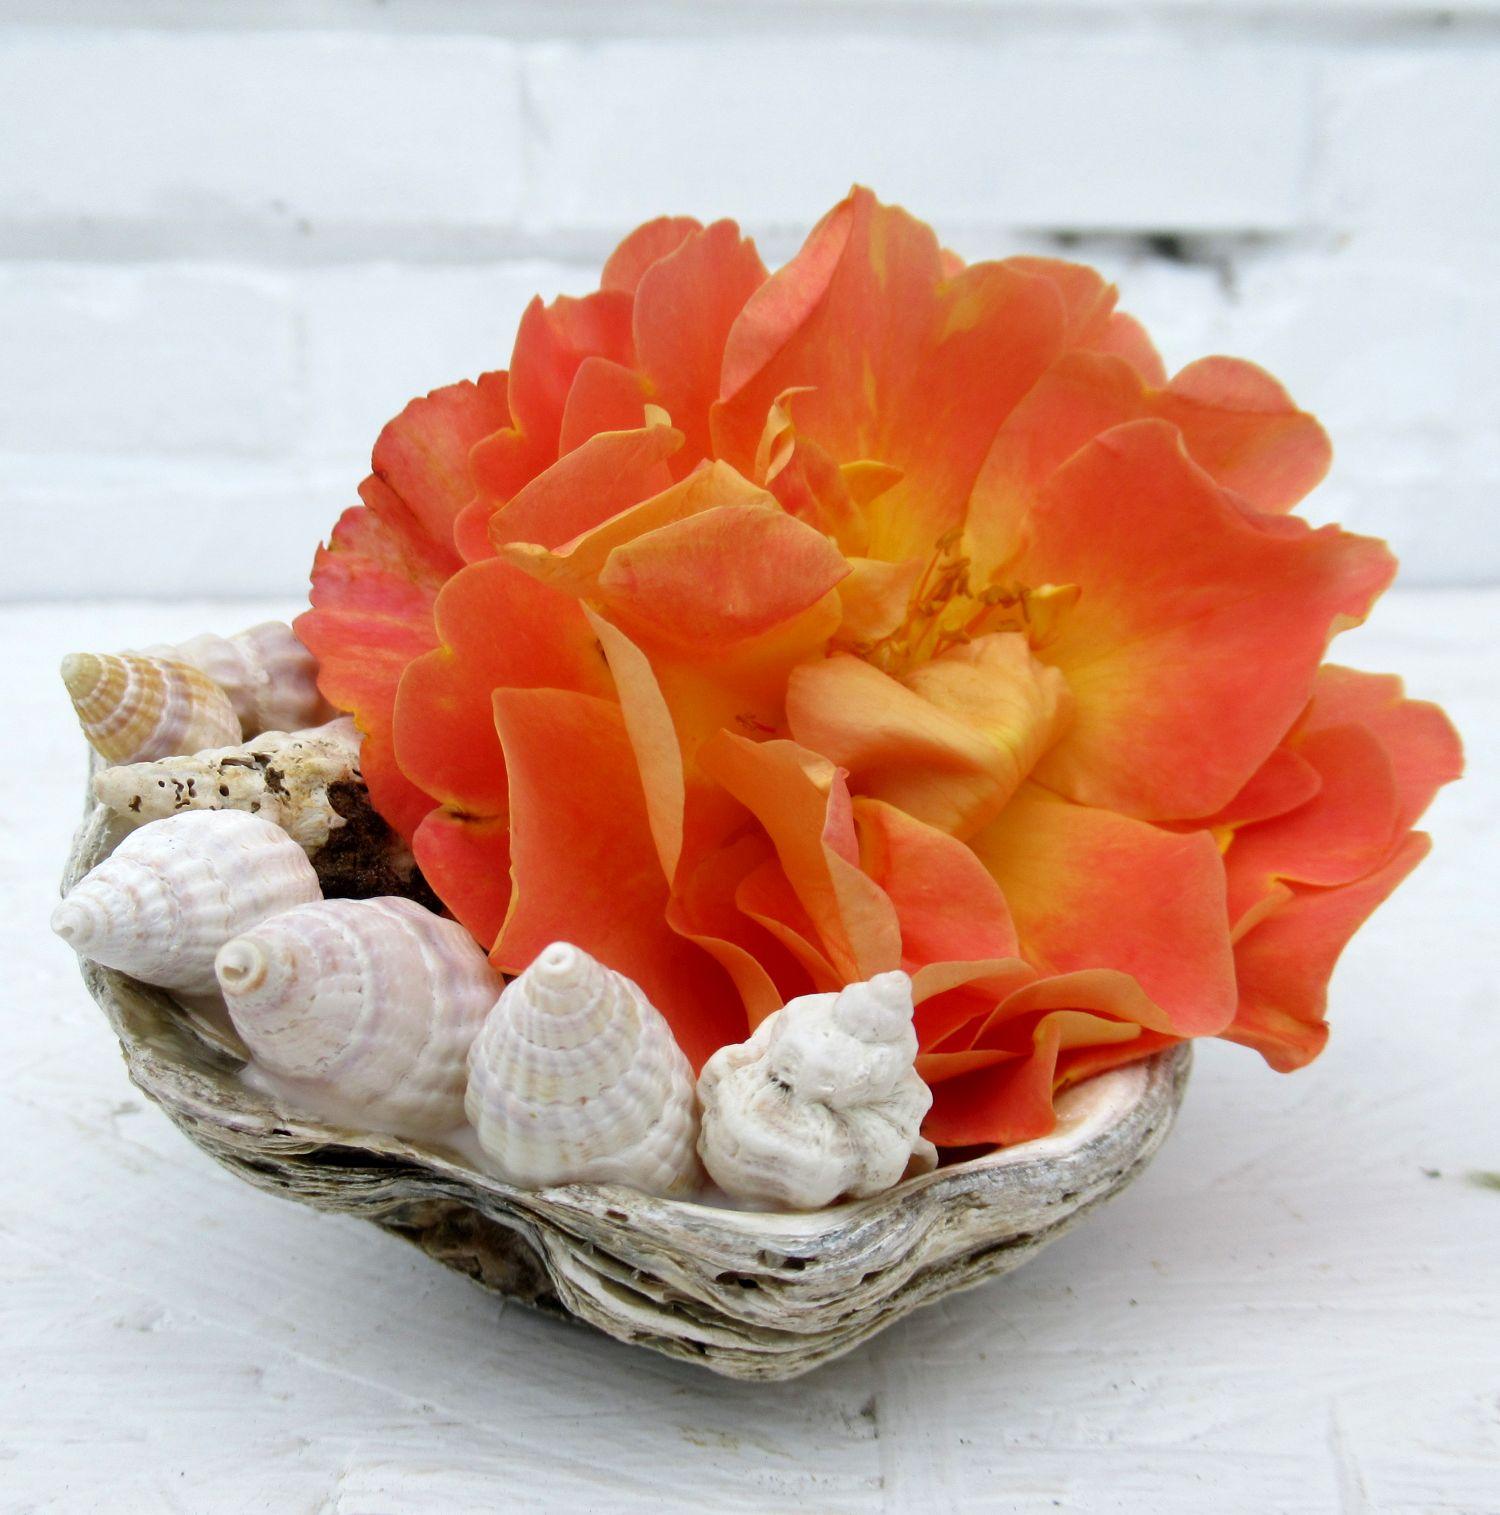 Bastelidee mit Muscheln, eine schöne Rosenblüte als Tischdekoration